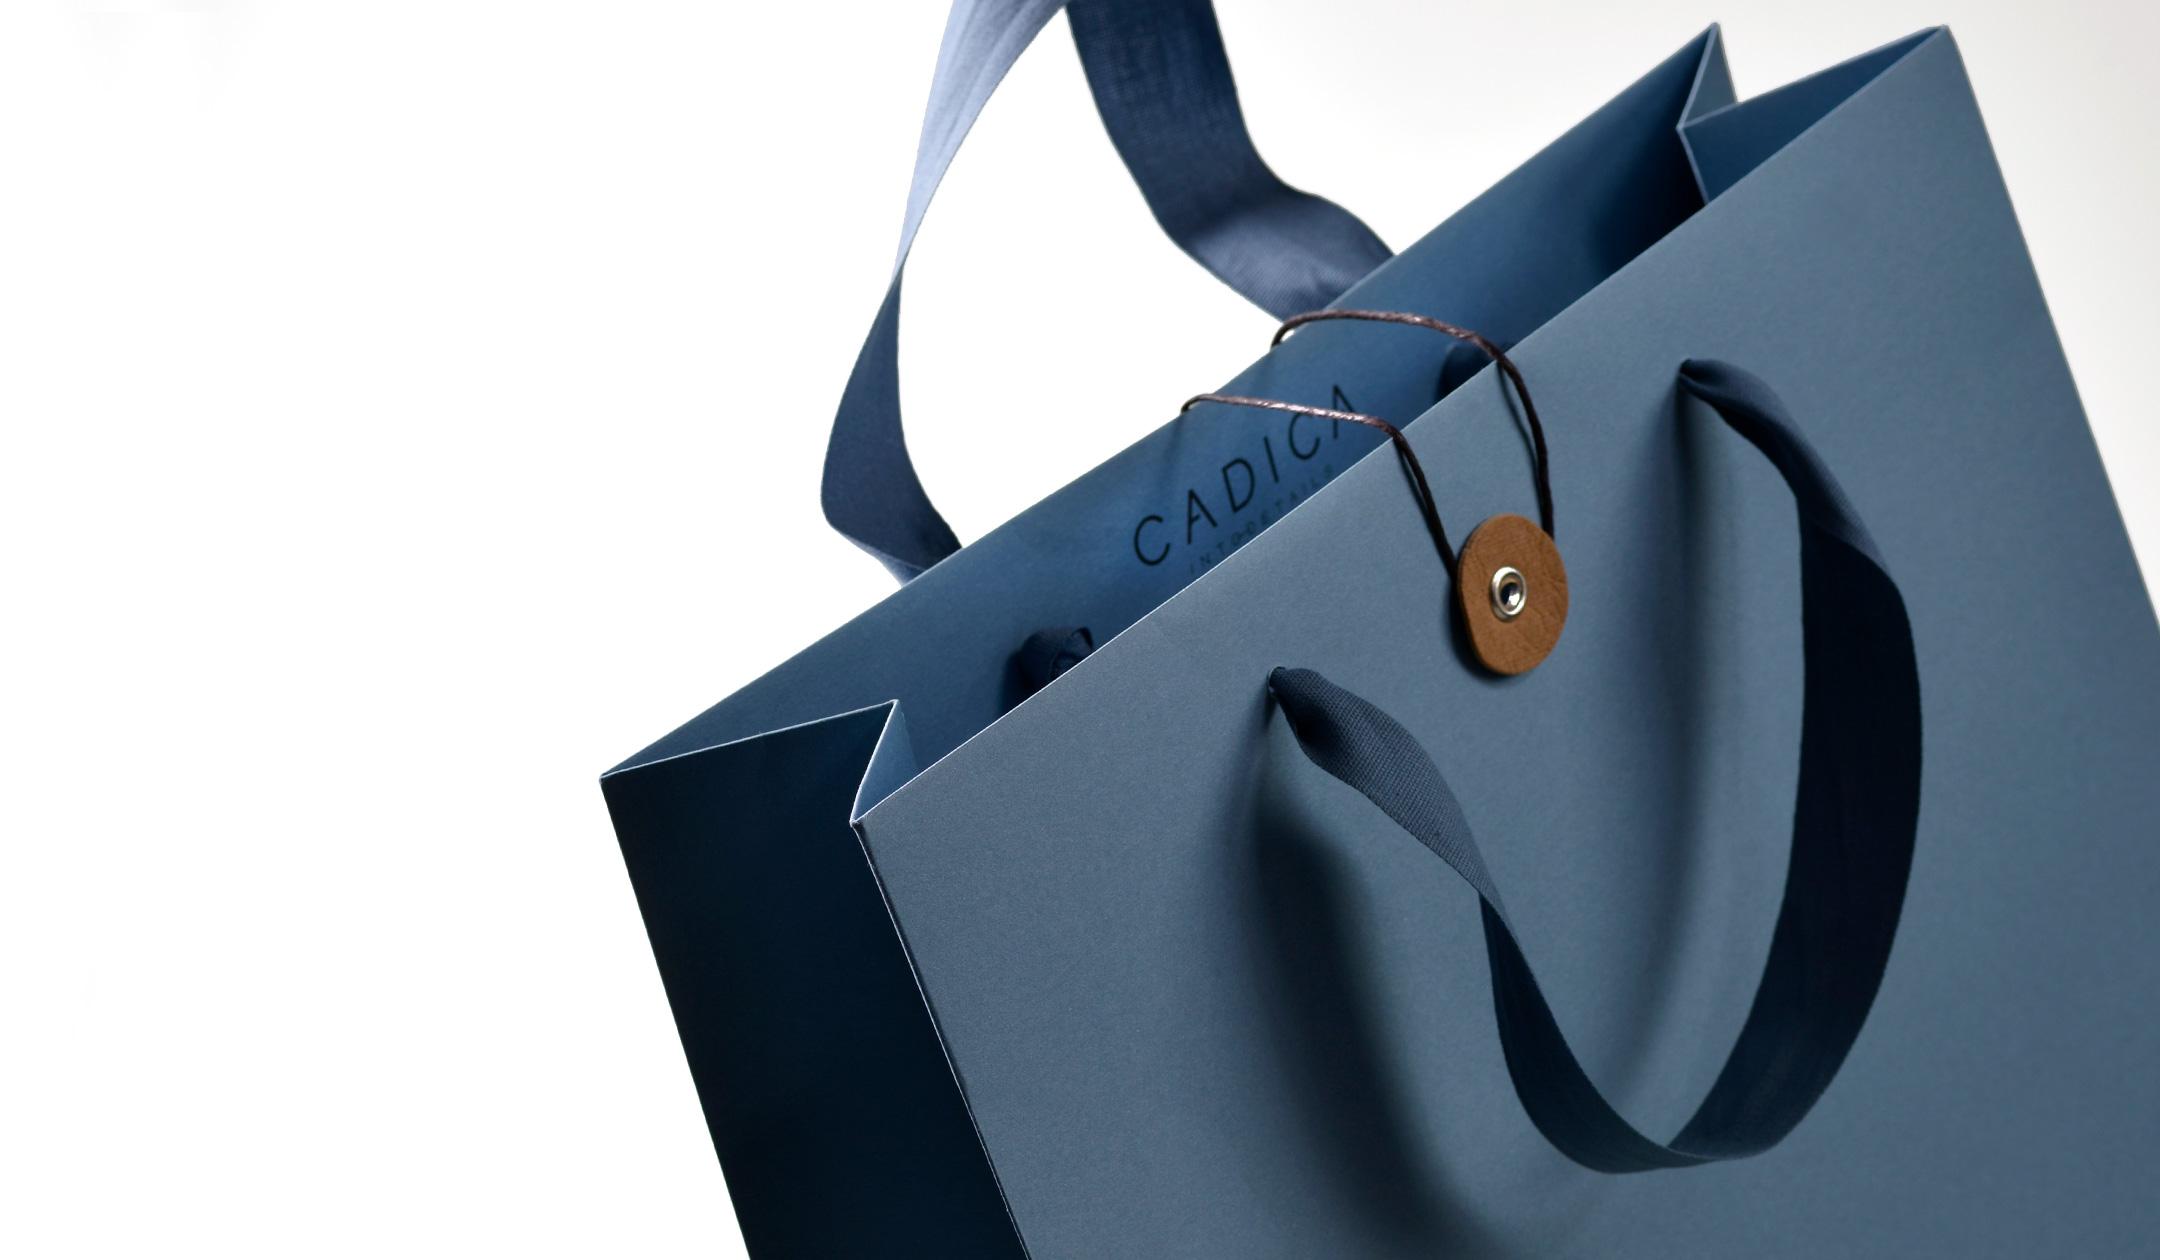 Cadica_packaging_shopper-blu